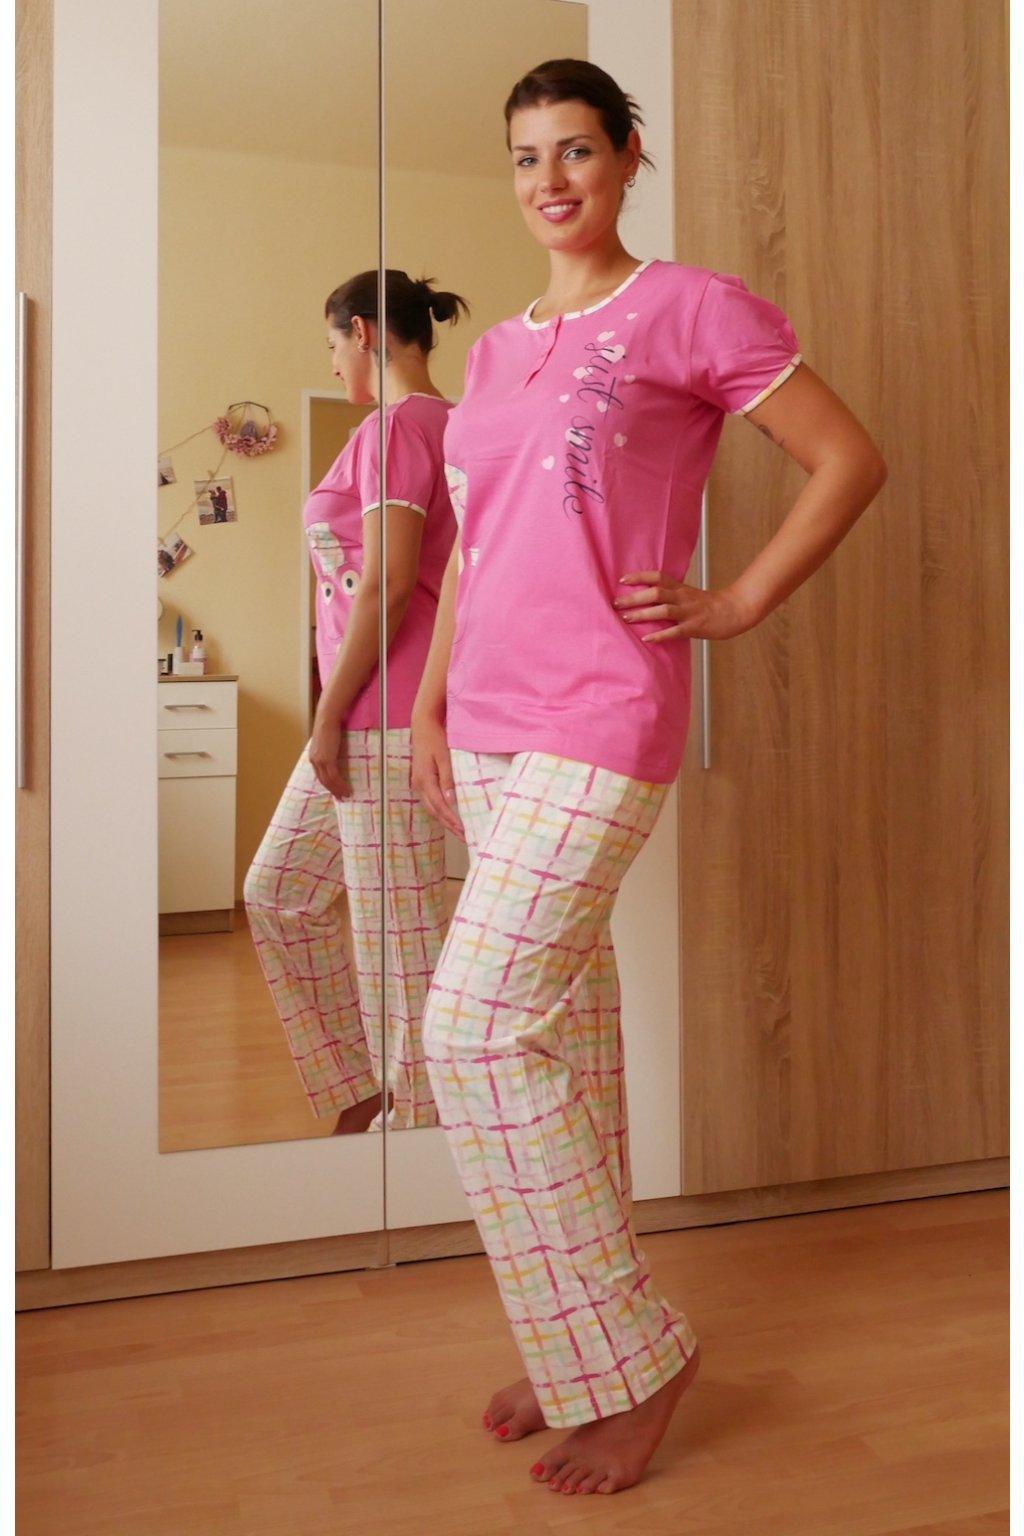 Dívčí pyžamo dlouhé, růžové se žabkou z boku